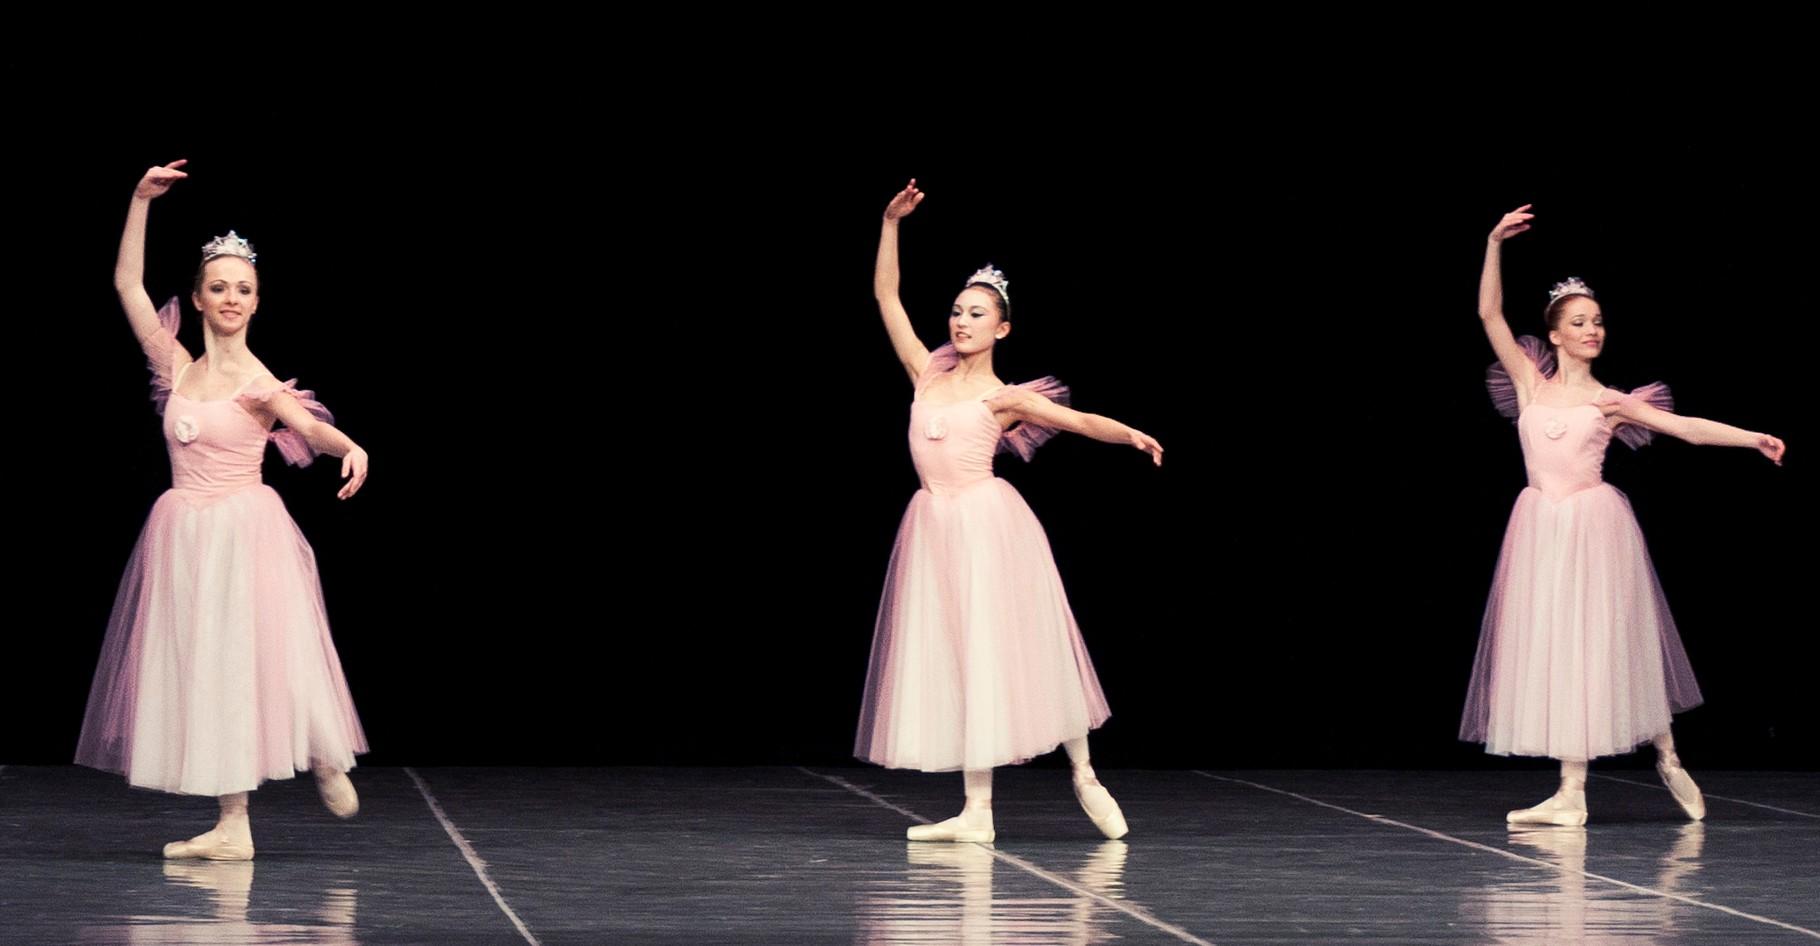 卒業生 染原令奈さん  アメリカ研修を経てEUドイツバレエ団にて活躍中 2012年3月スロバキアに11日間滞在しスロバキア国立舞踊院との学校交流に参加(日本・スロバキアバレエ学校初交流。写真は学校交流のステージより)